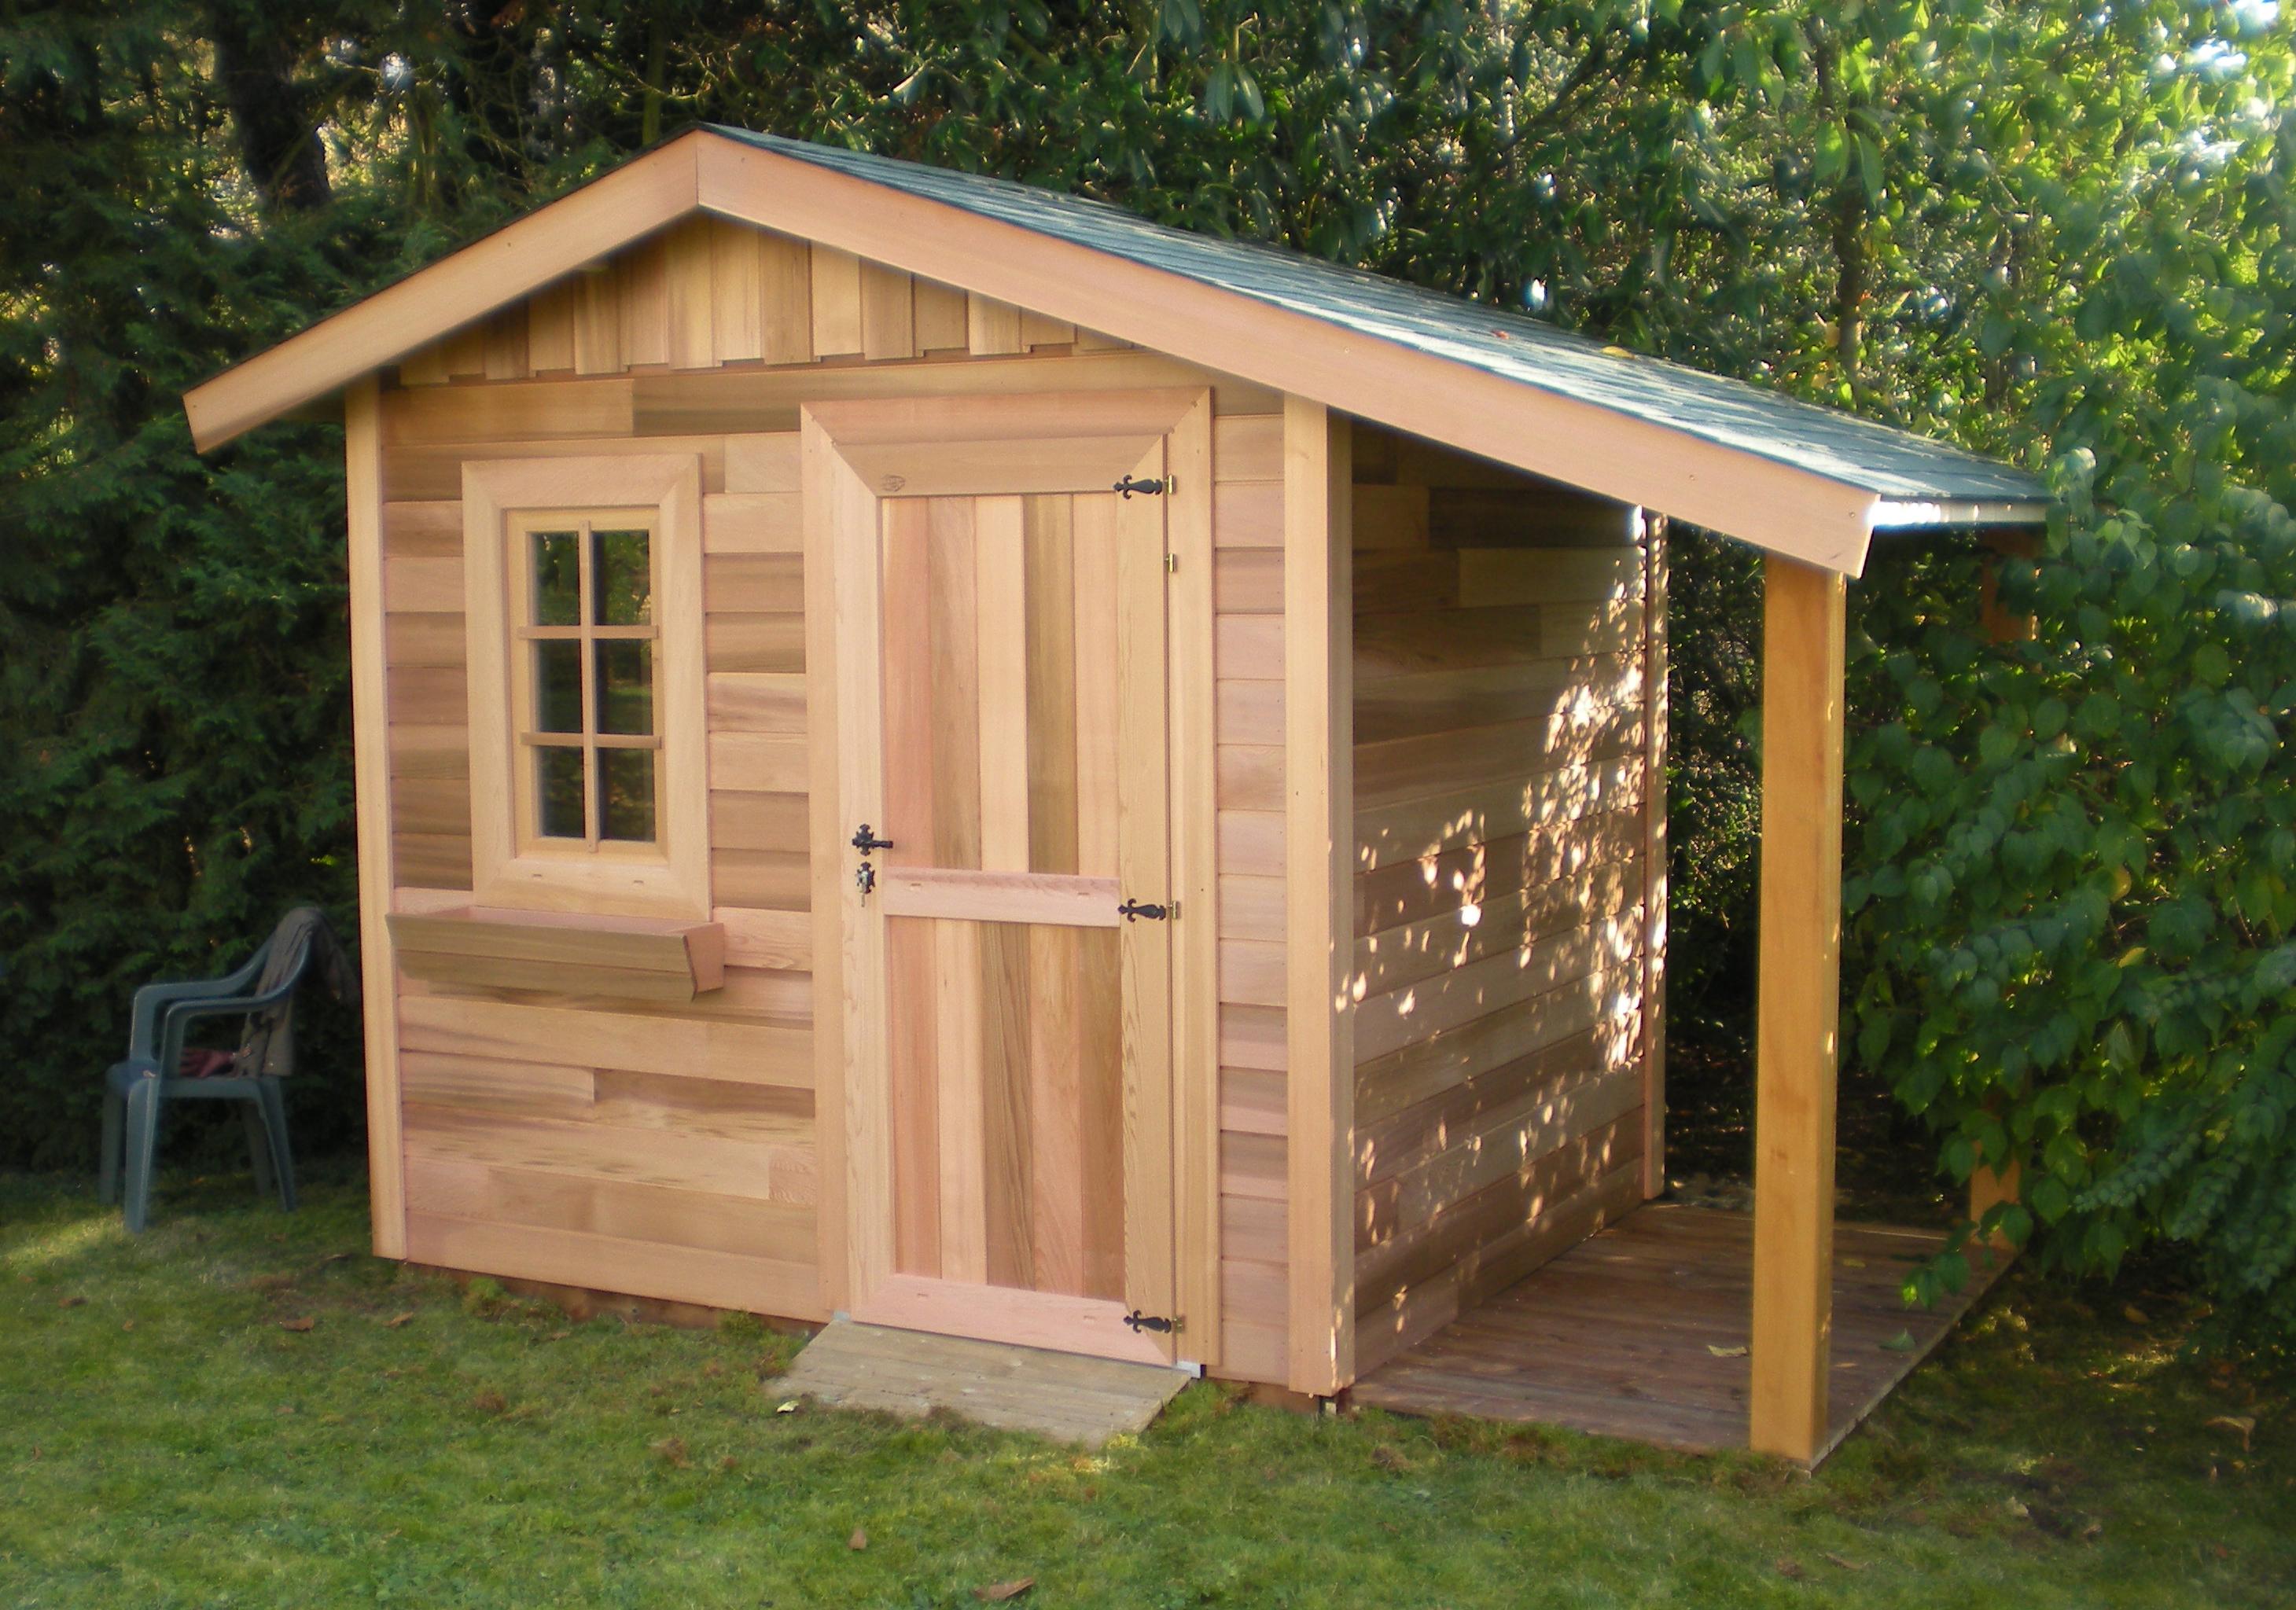 fabriquer une cabane en bois pour enfant fashion designs. Black Bedroom Furniture Sets. Home Design Ideas